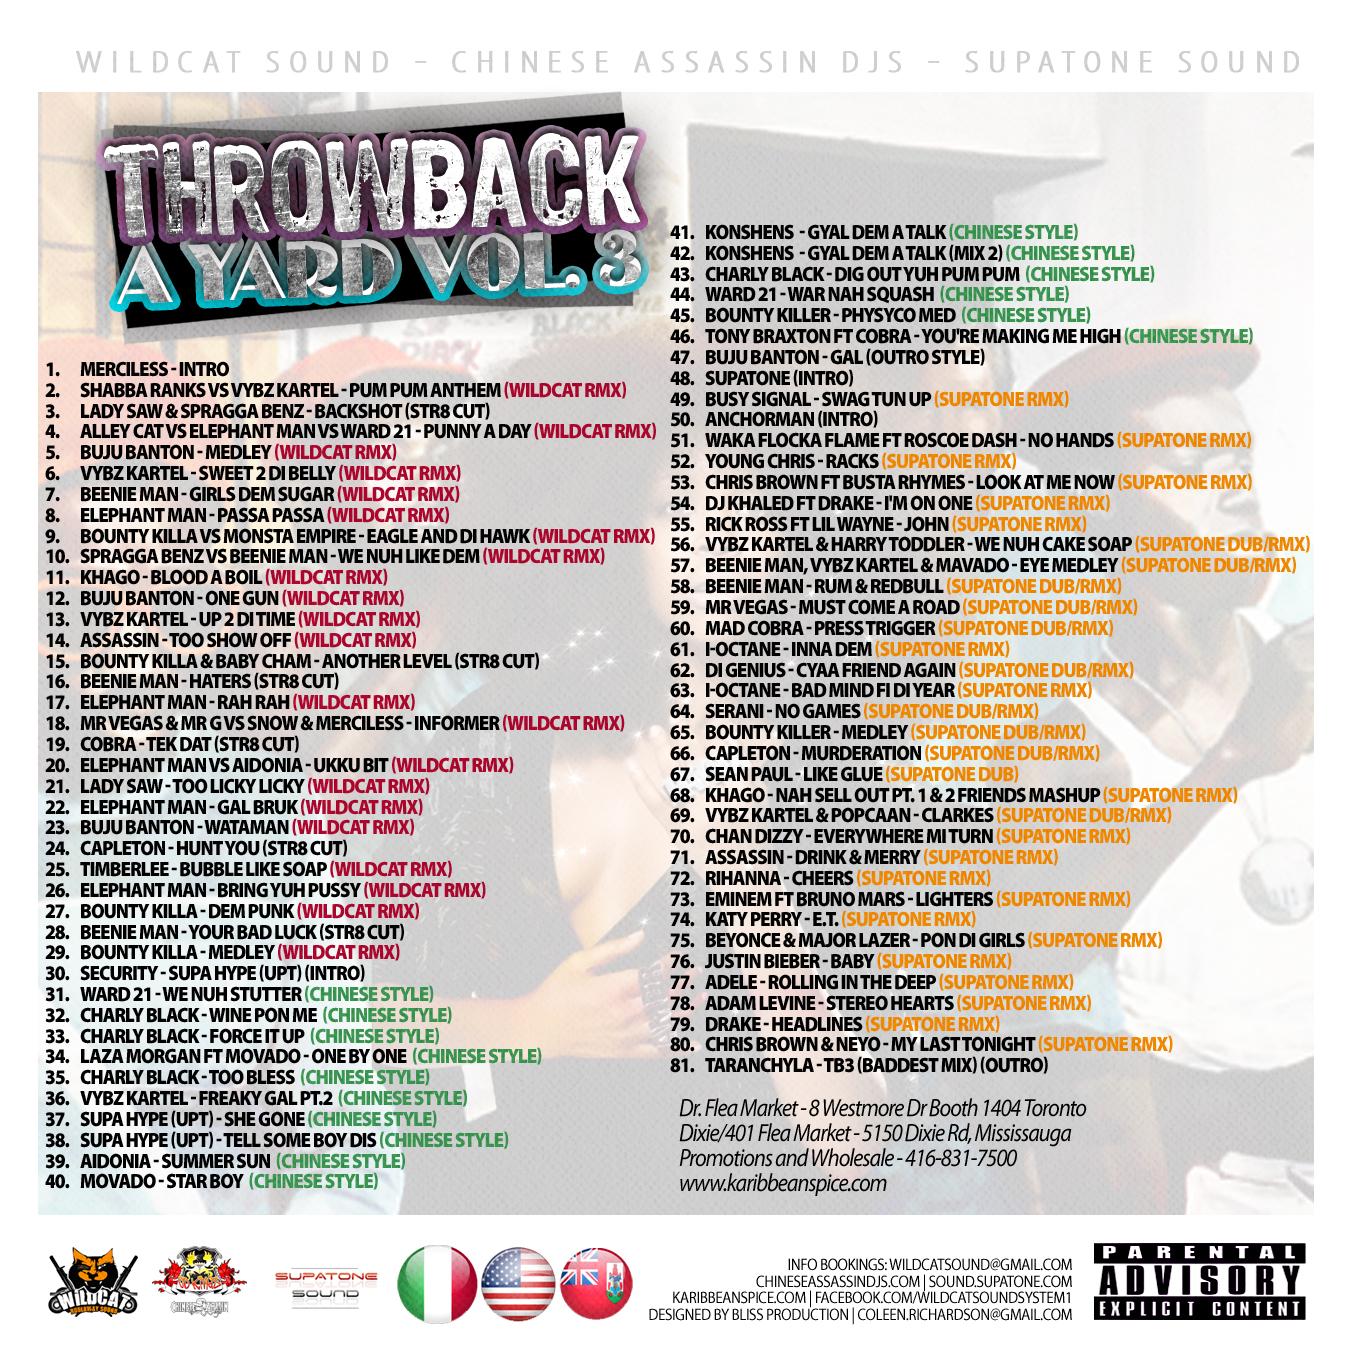 Throwback+a+Yard+Retro+%252B+Tracklist.j